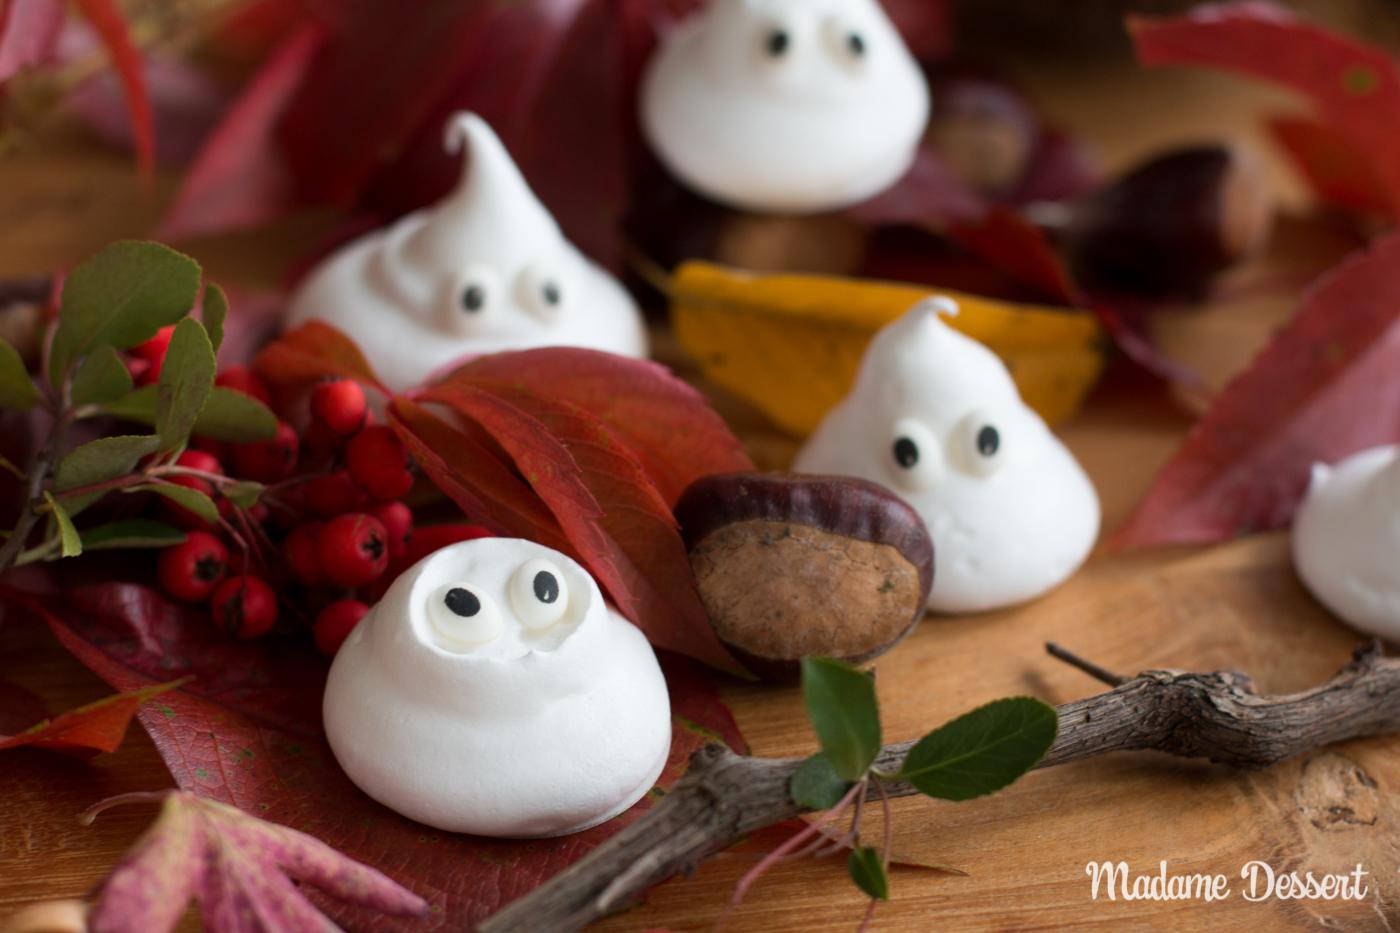 Last Minuten Halloween Rezept |Baiser Gespenster | Madame Dessert